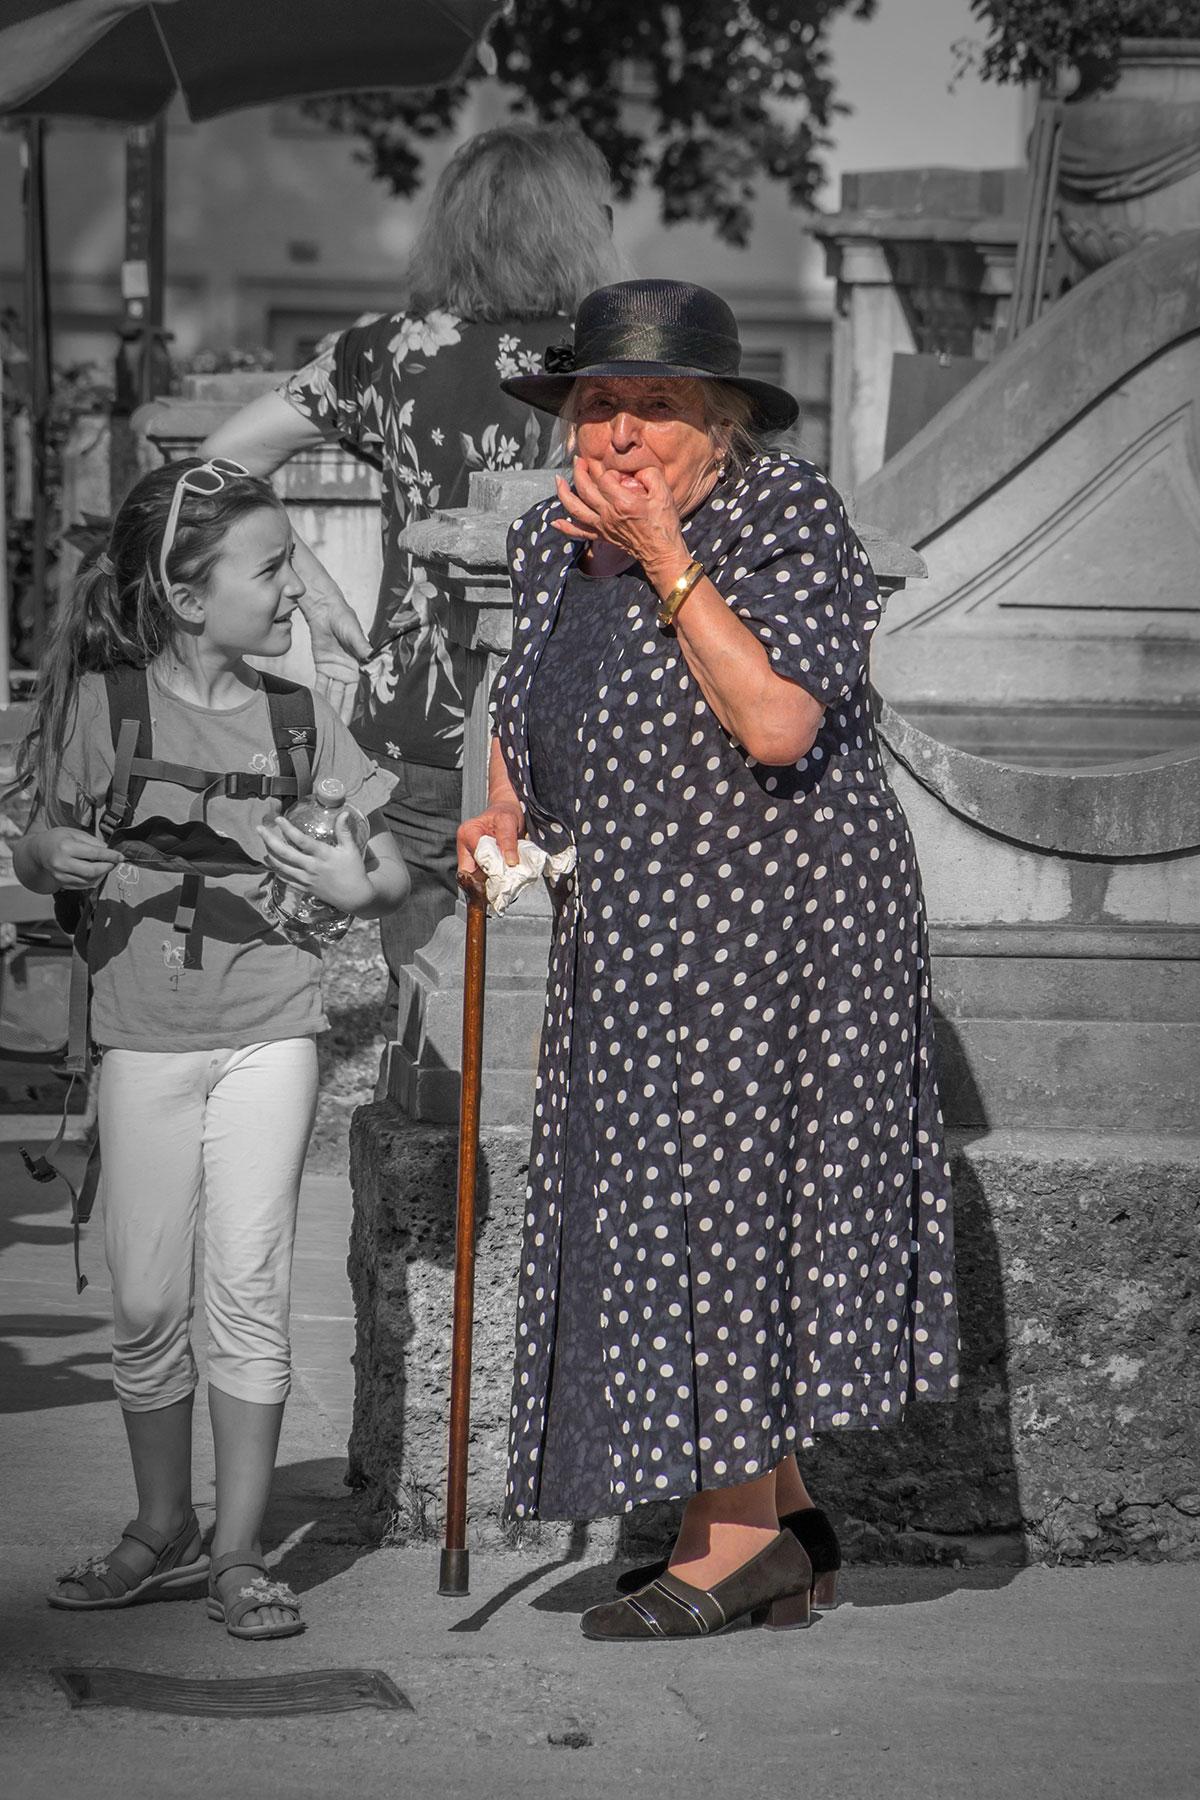 Salzburg, Alte Dame mit Hut pfeift